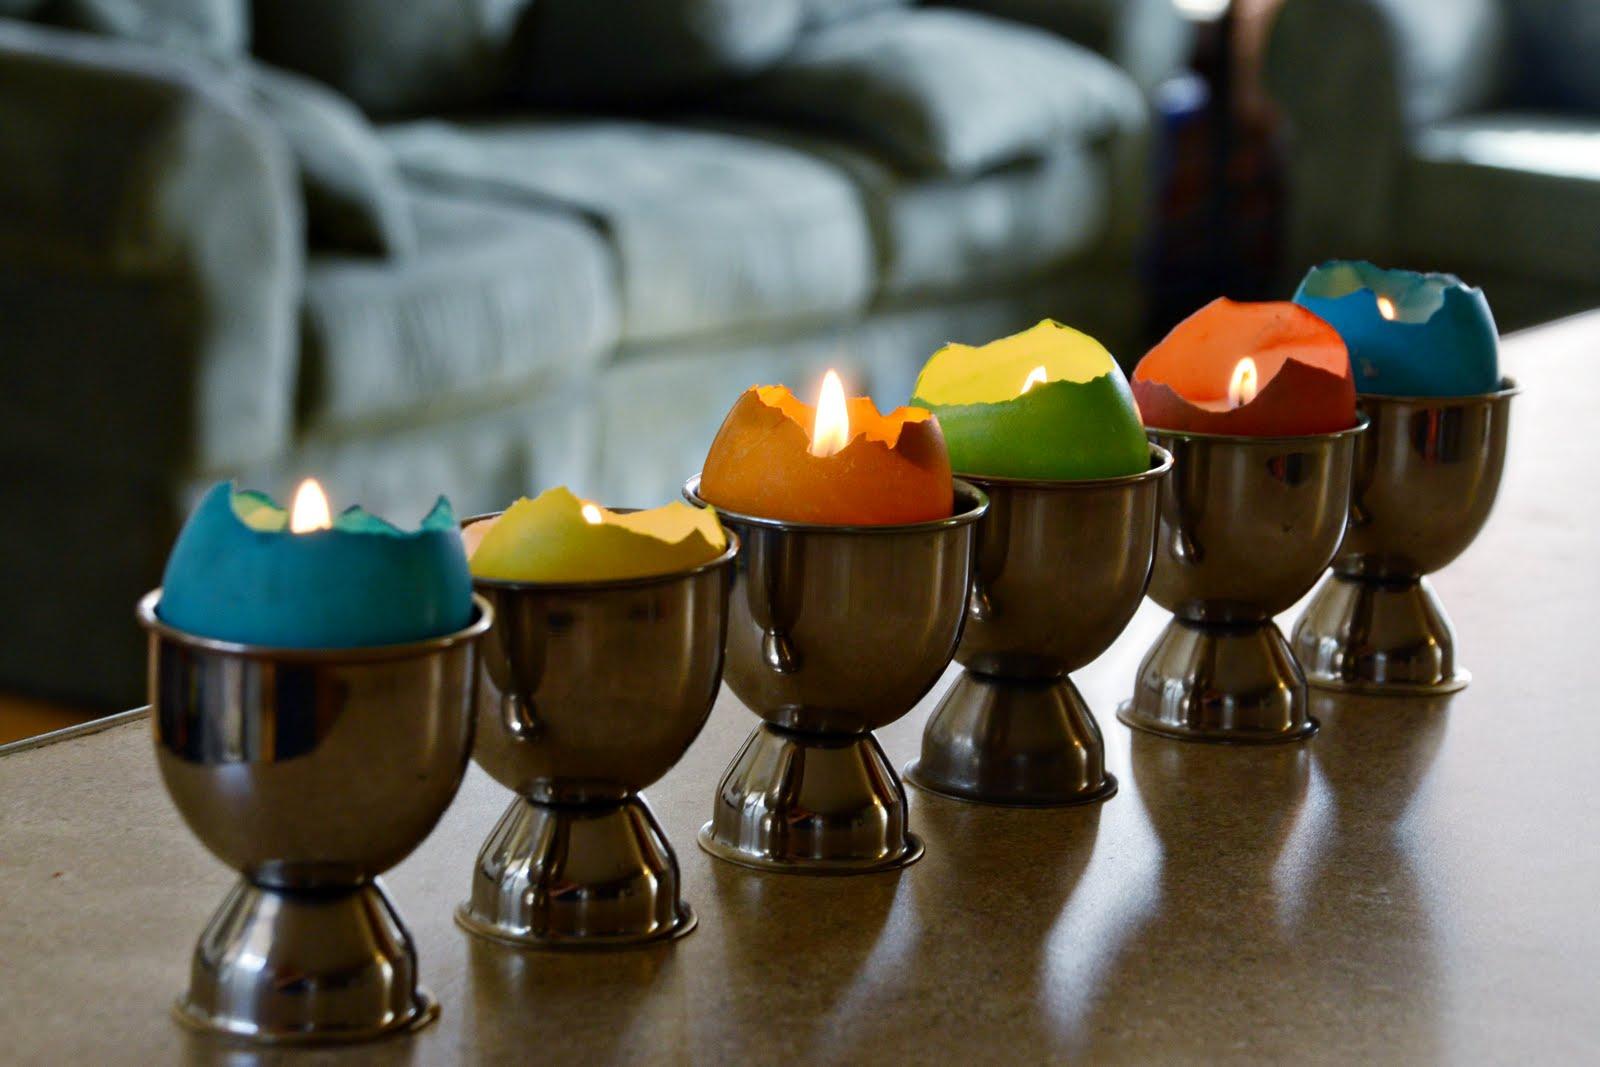 Идеи использования сломанных вещей: декоративные свечки